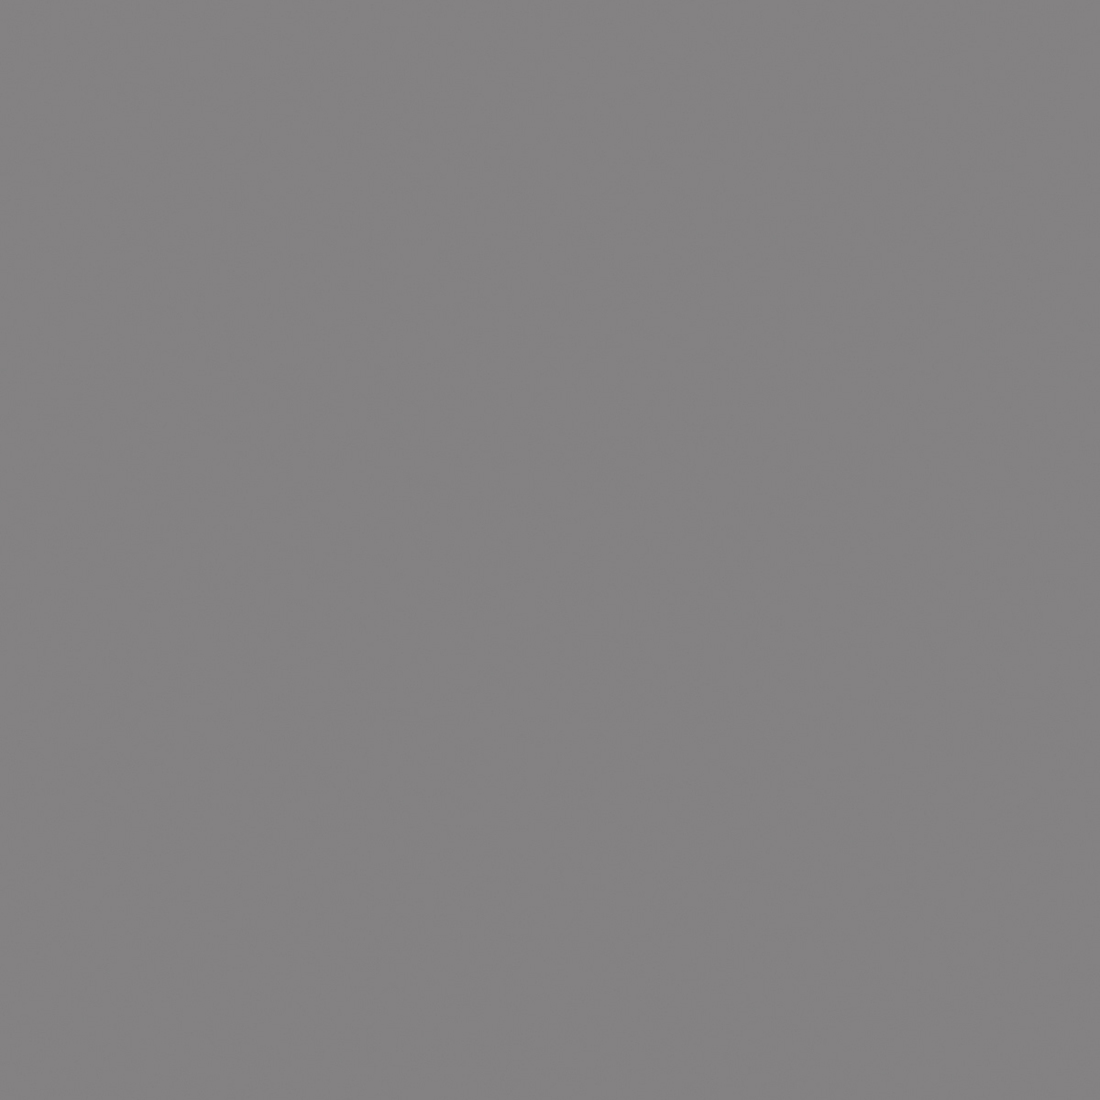 PAL Melaminat Gri Ardezie 0171 PE Kronospan